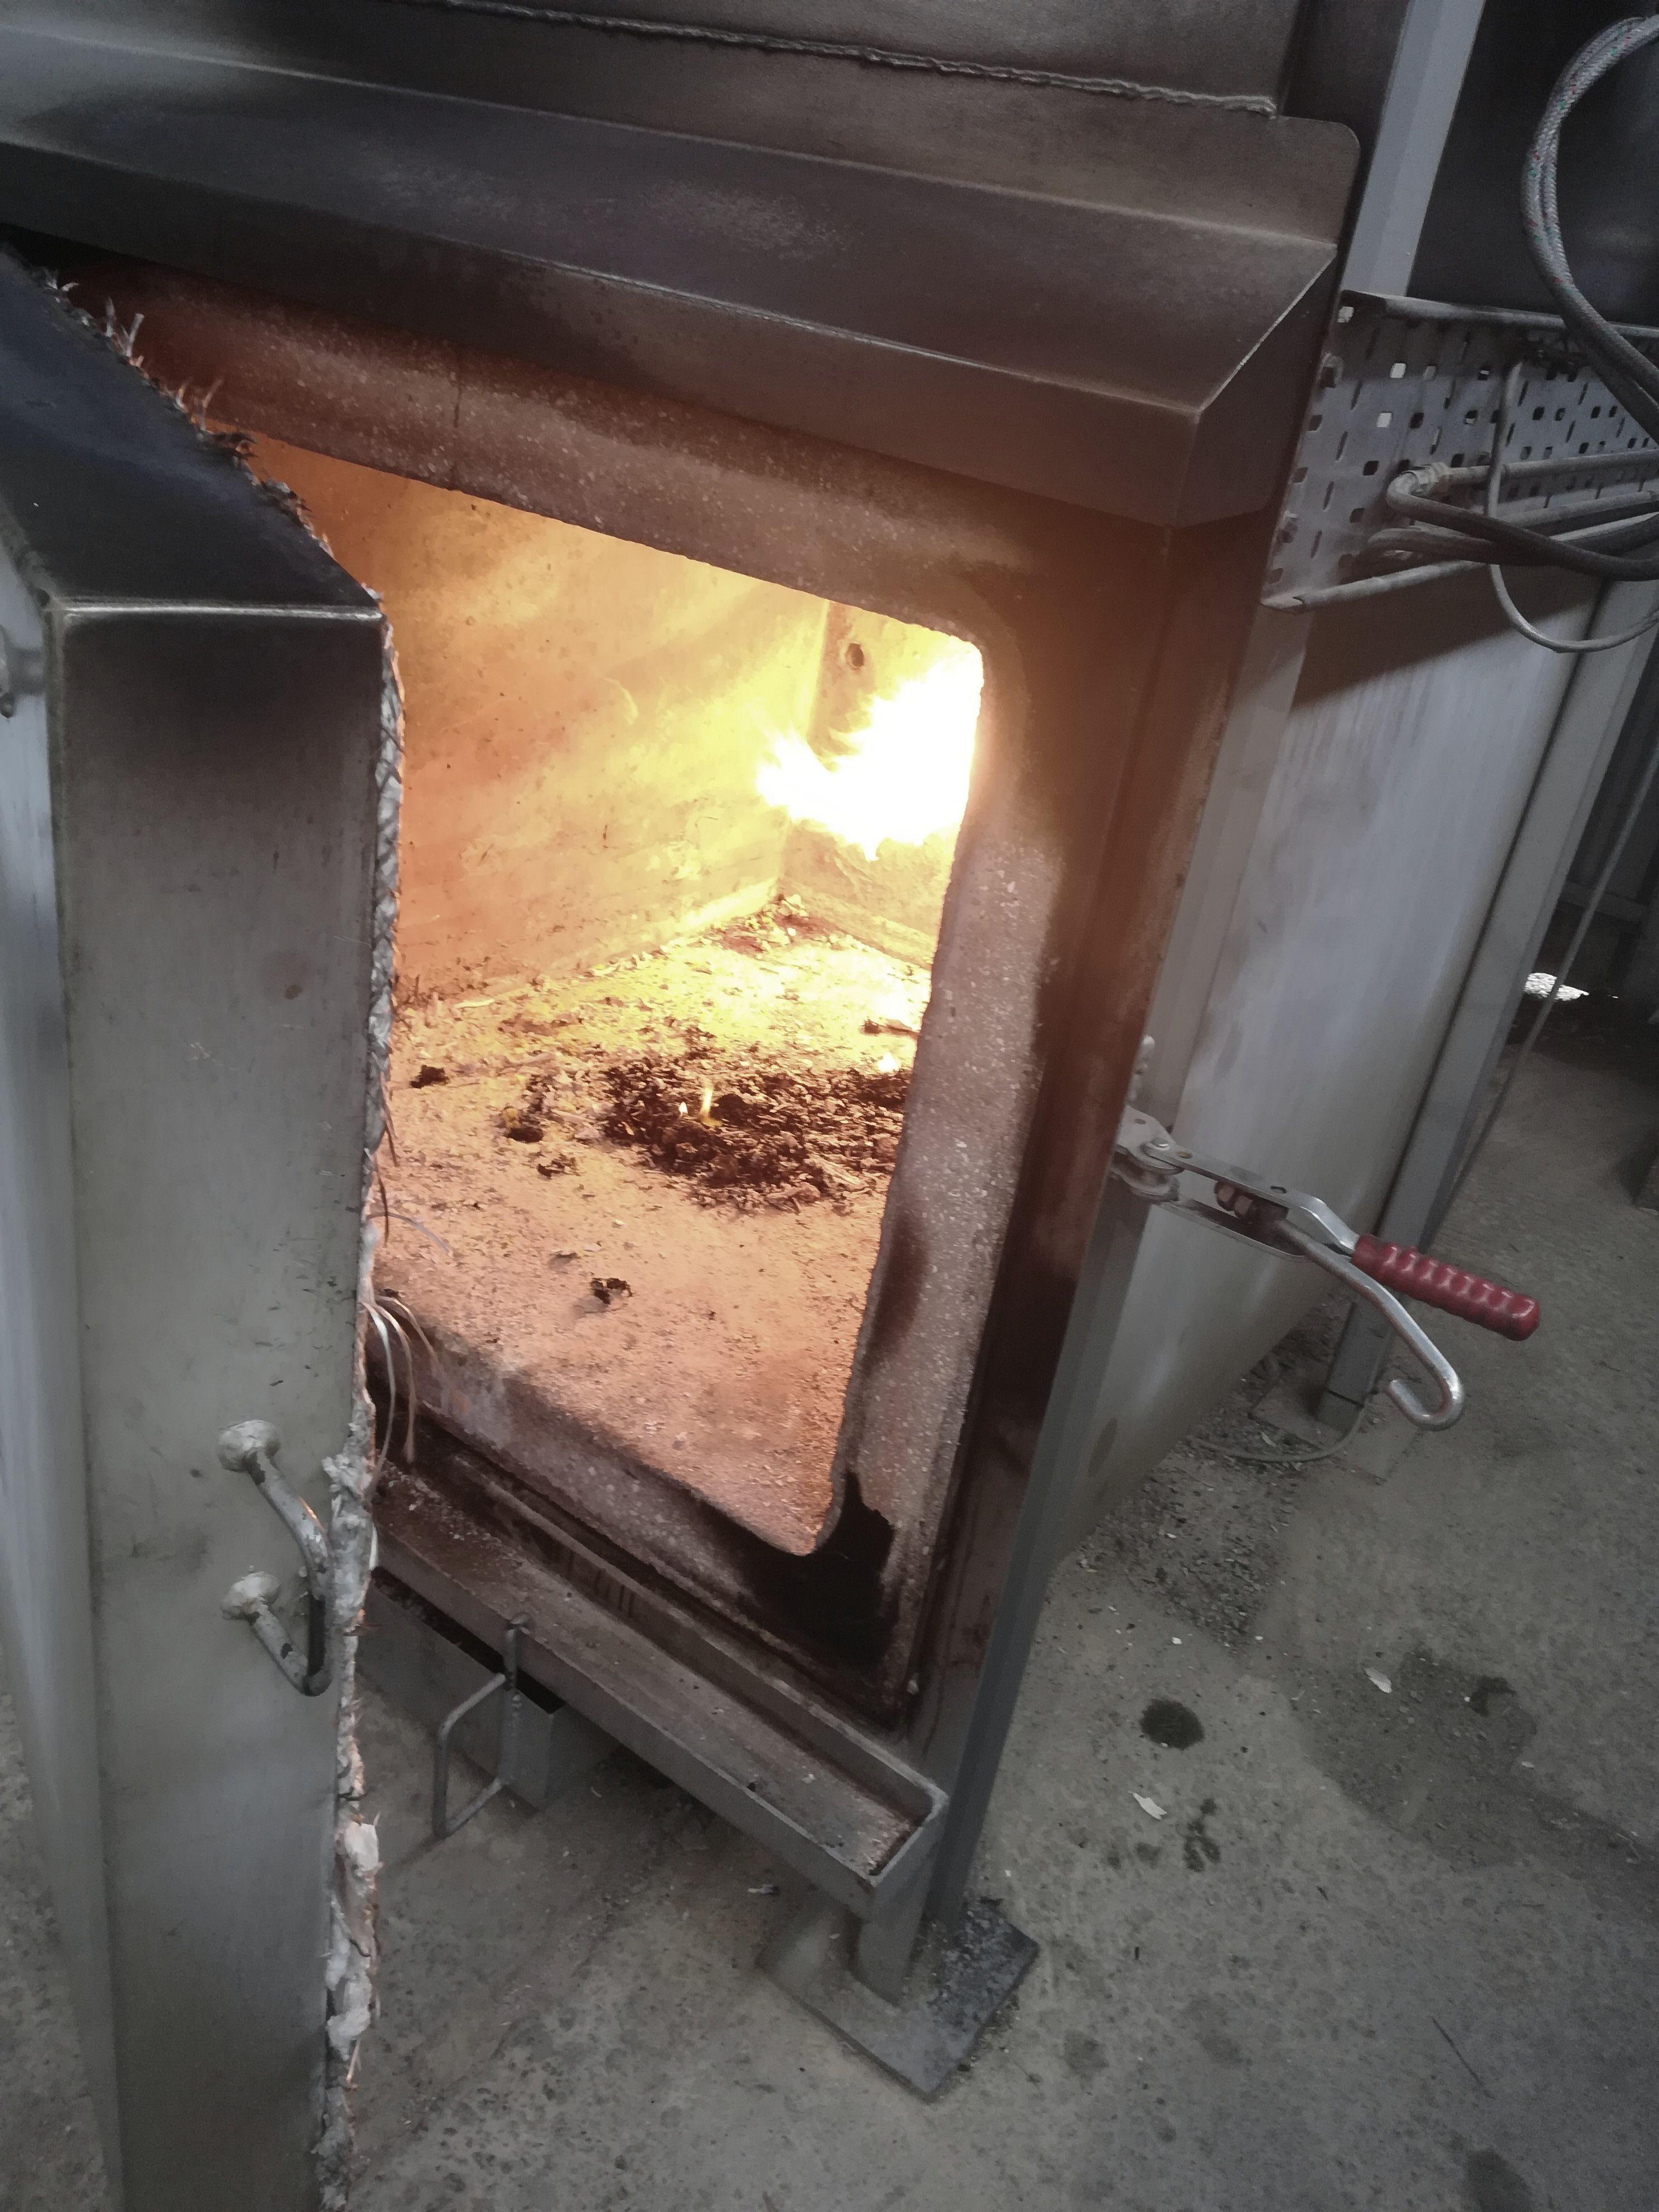 Popol, ktorý zostane po kremácii v peci sa potom pomelie na prach a uloží do urny.